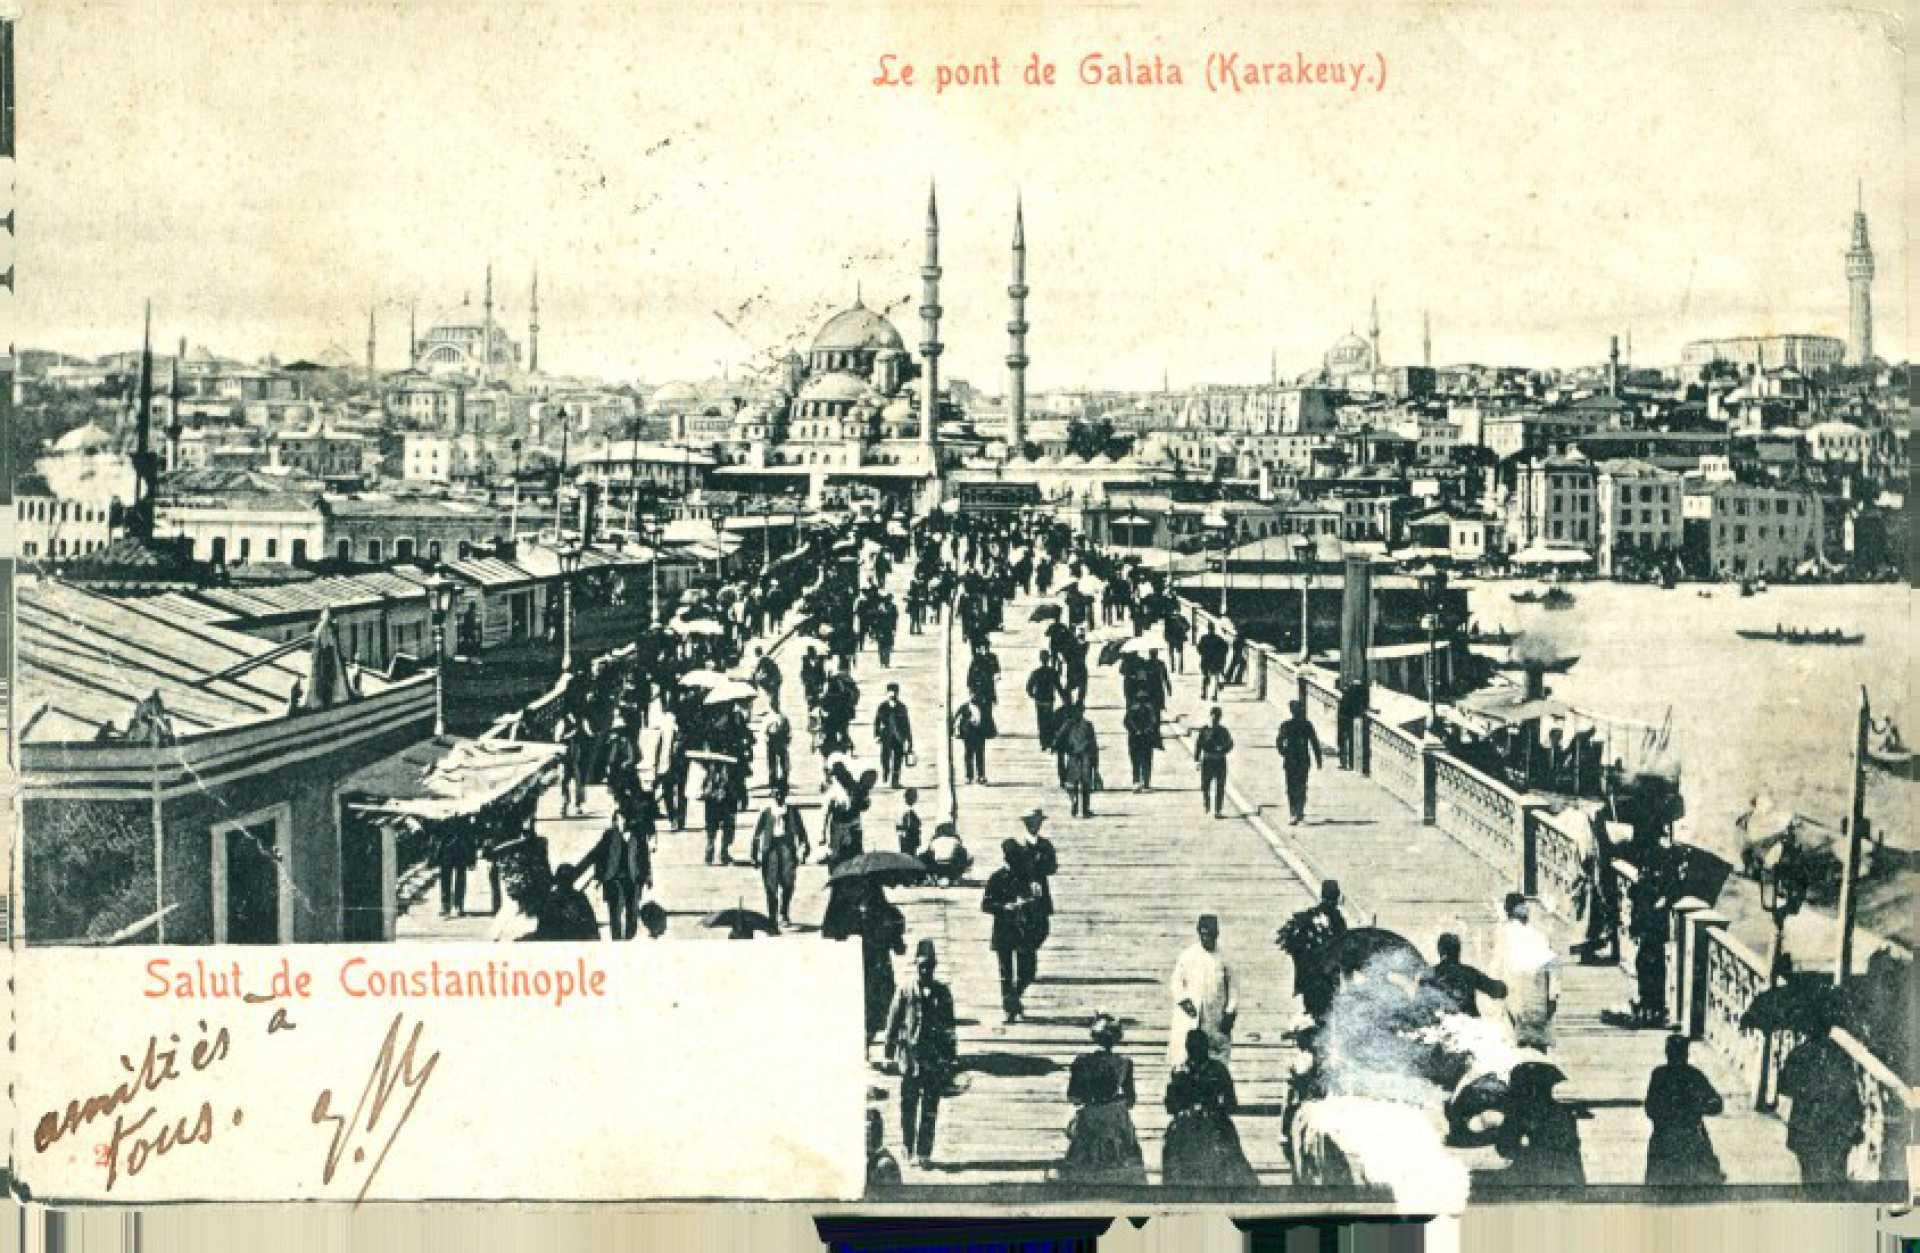 Le pont de Galata